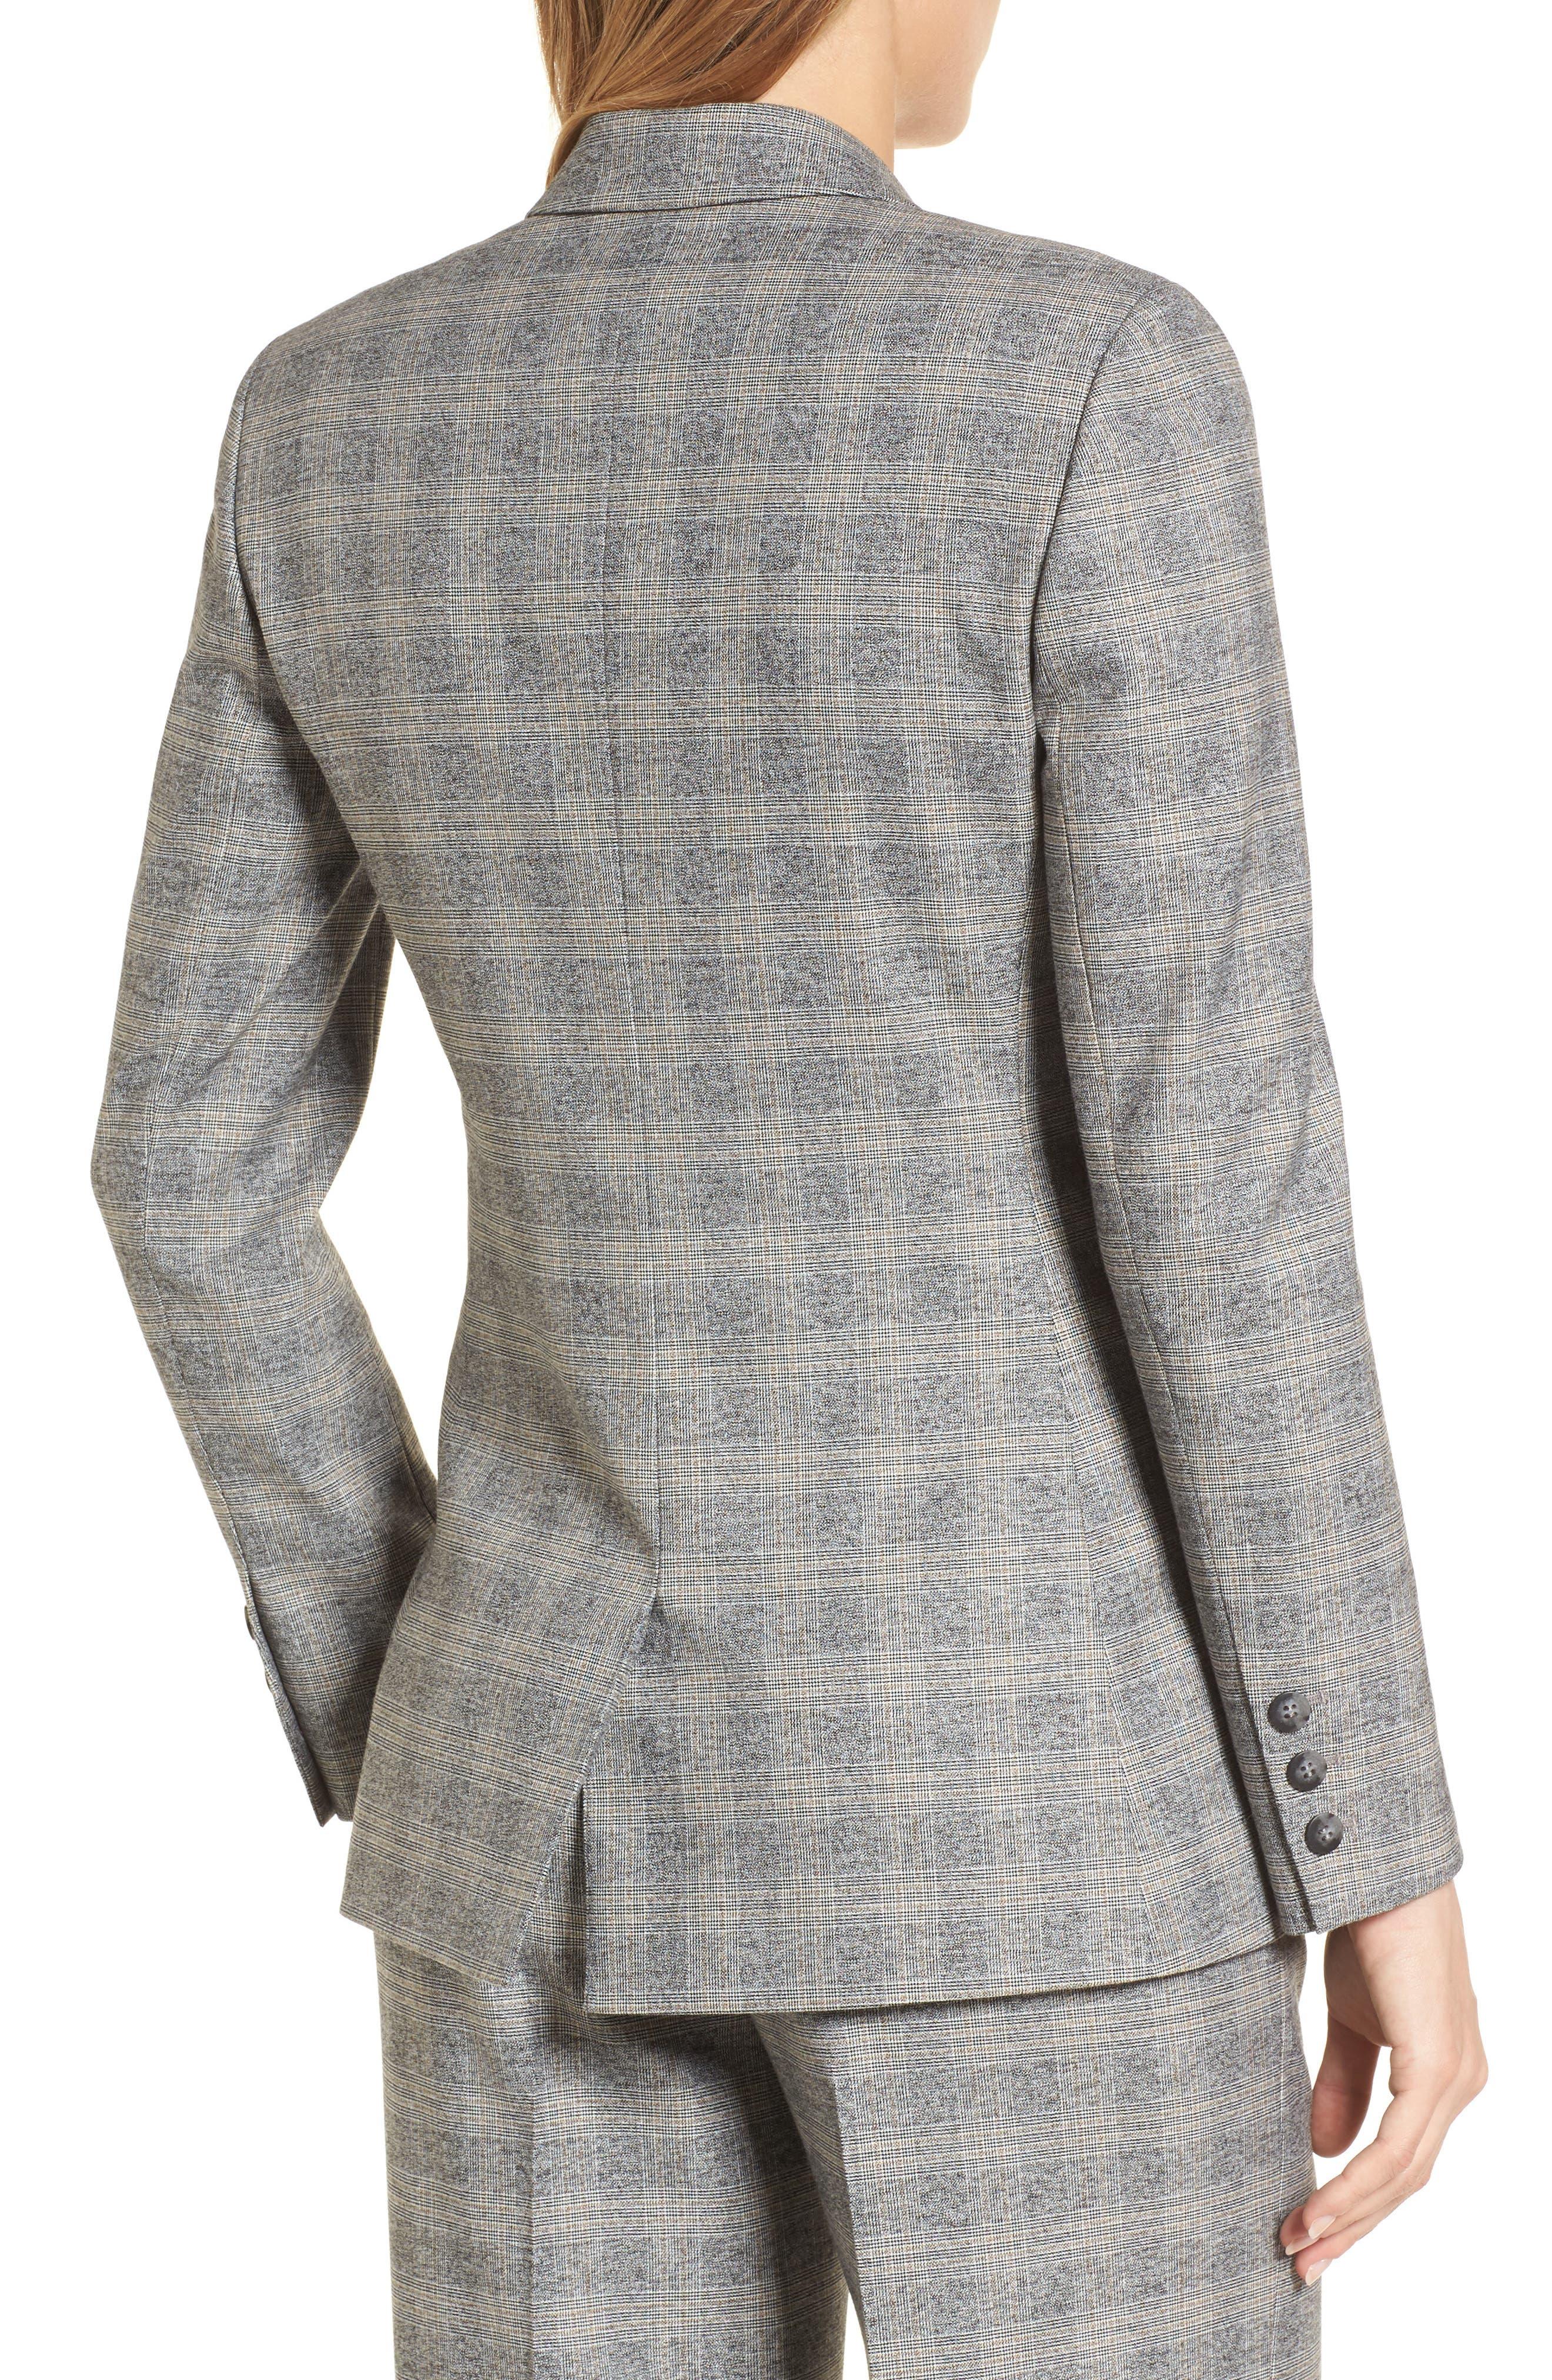 Check Plaid Suit Jacket,                             Alternate thumbnail 2, color,                             Grey Check